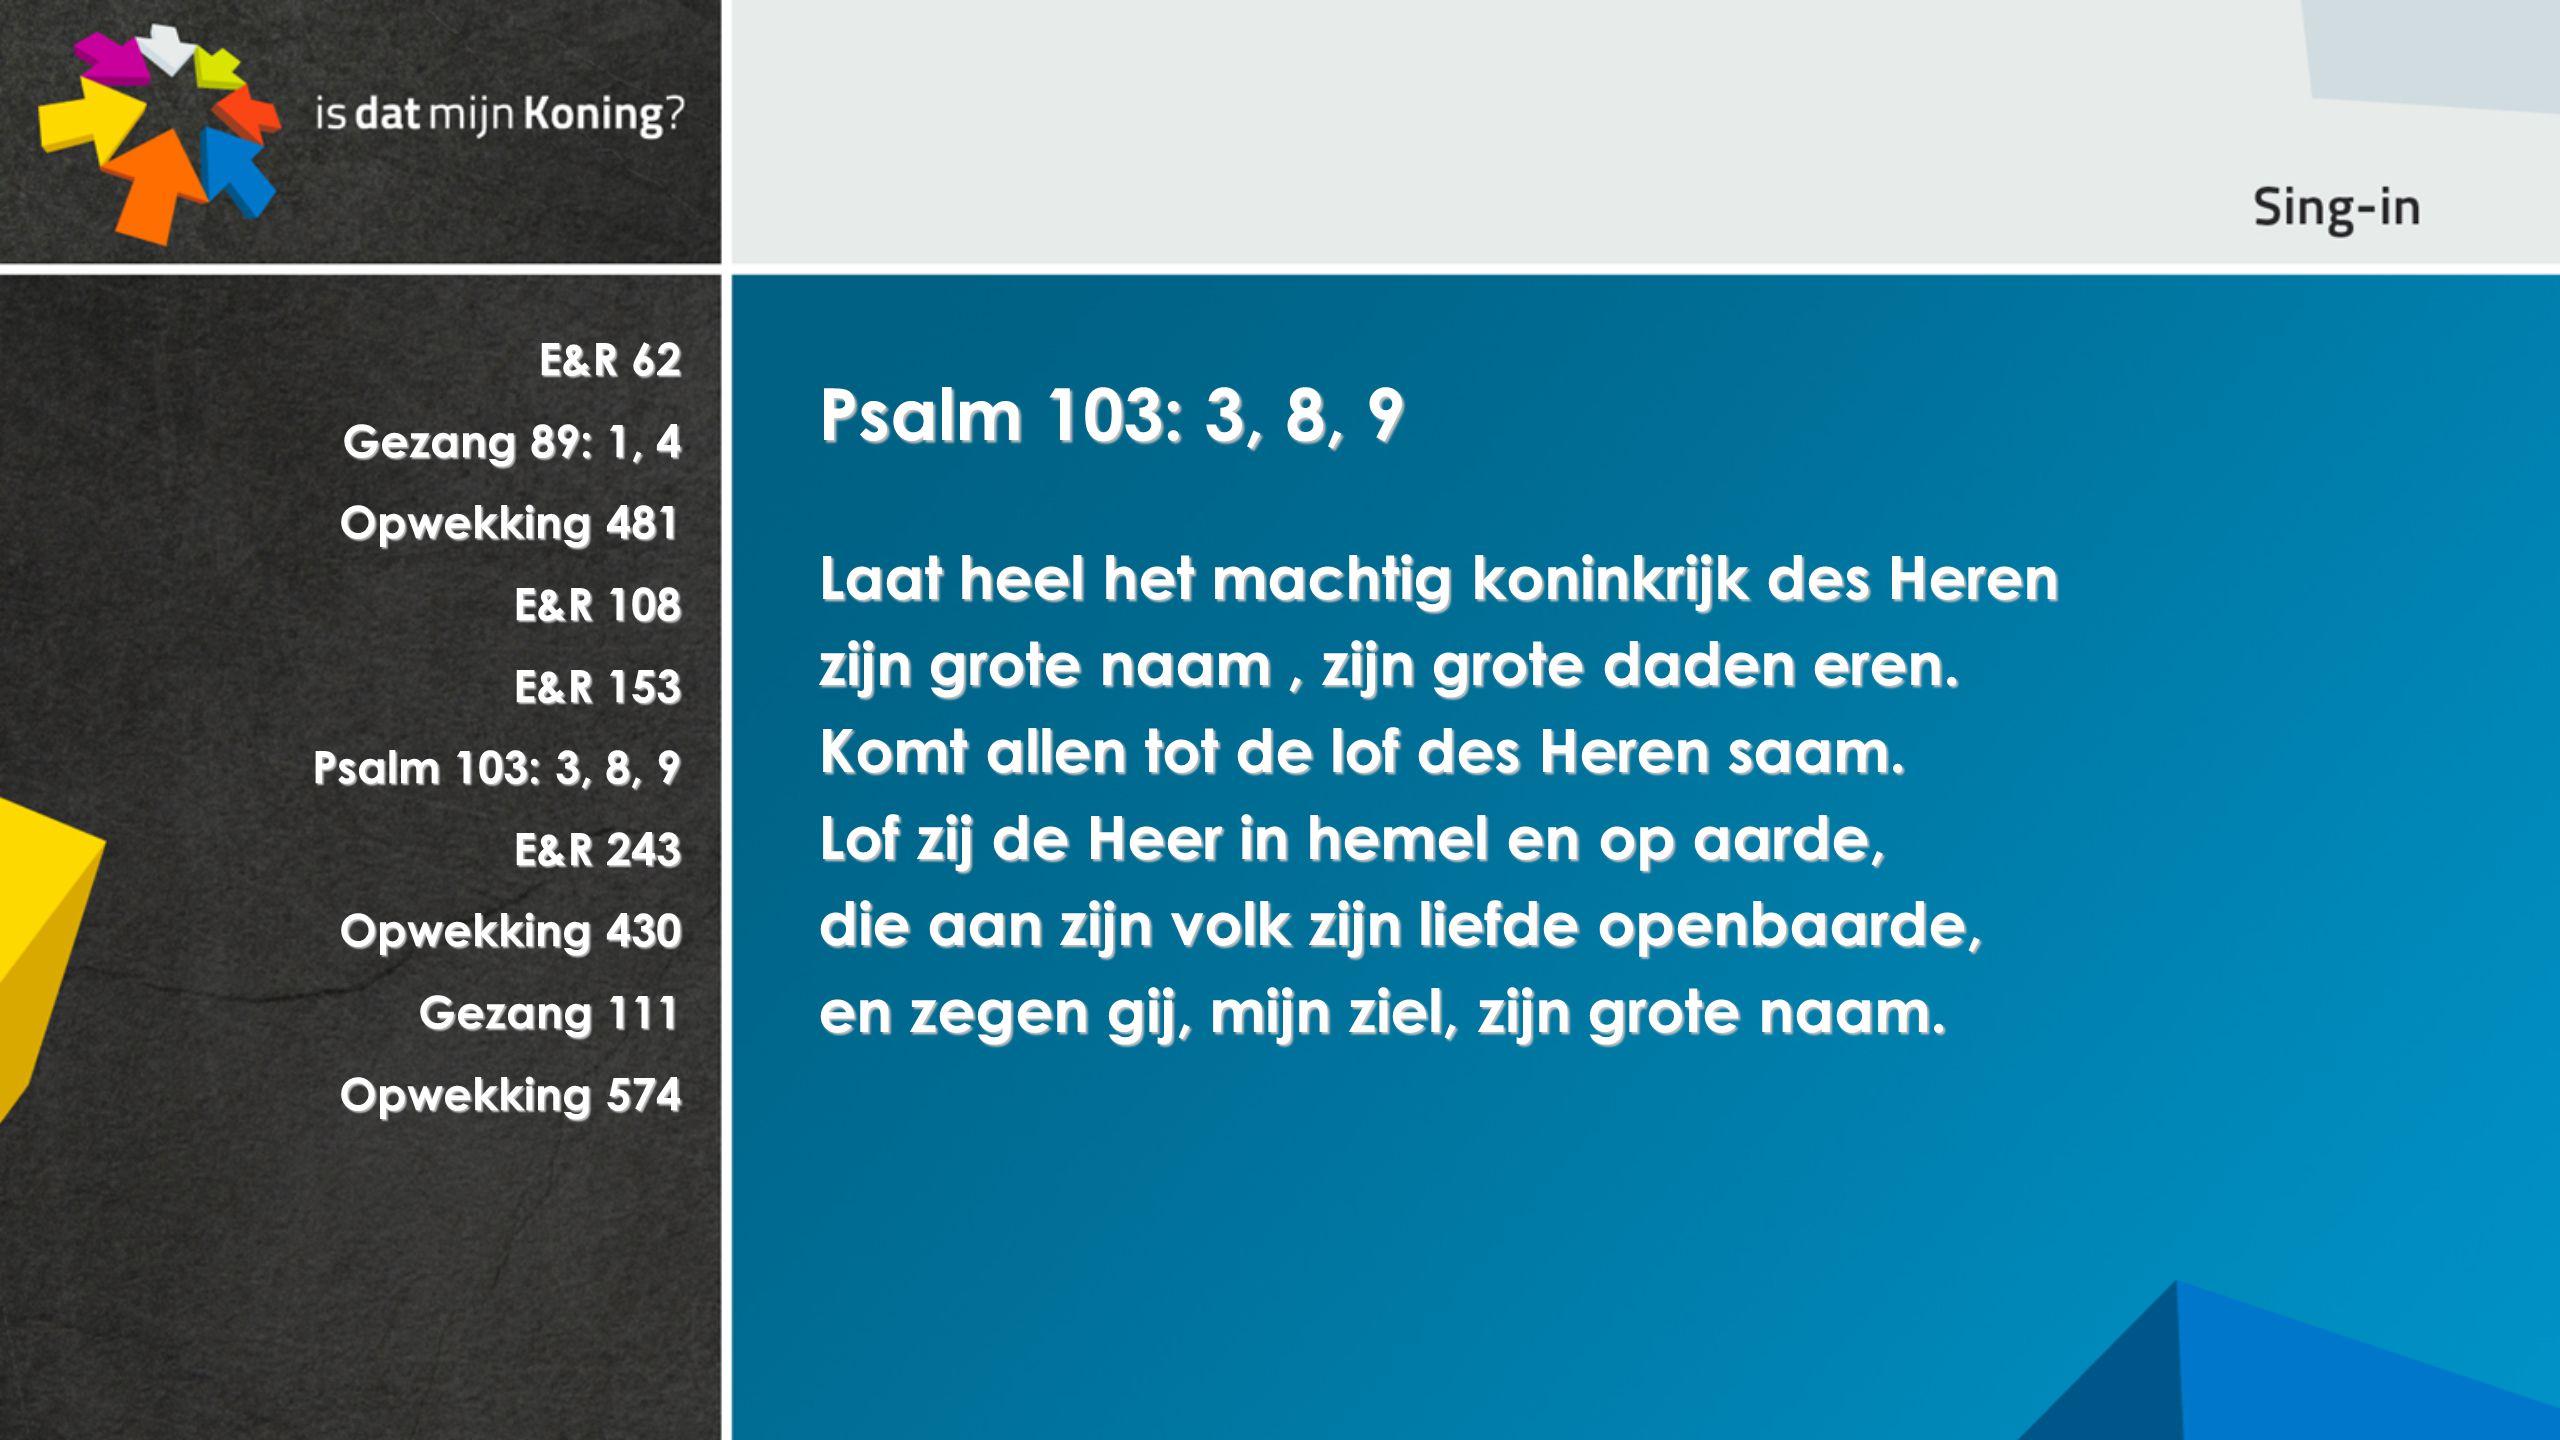 E&R 62 Gezang 89: 1, 4 Opwekking 481 E&R 108 E&R 153 Psalm 103: 3, 8, 9 E&R 243 Opwekking 430 Gezang 111 Opwekking 574 Psalm 103: 3, 8, 9 Laat heel he